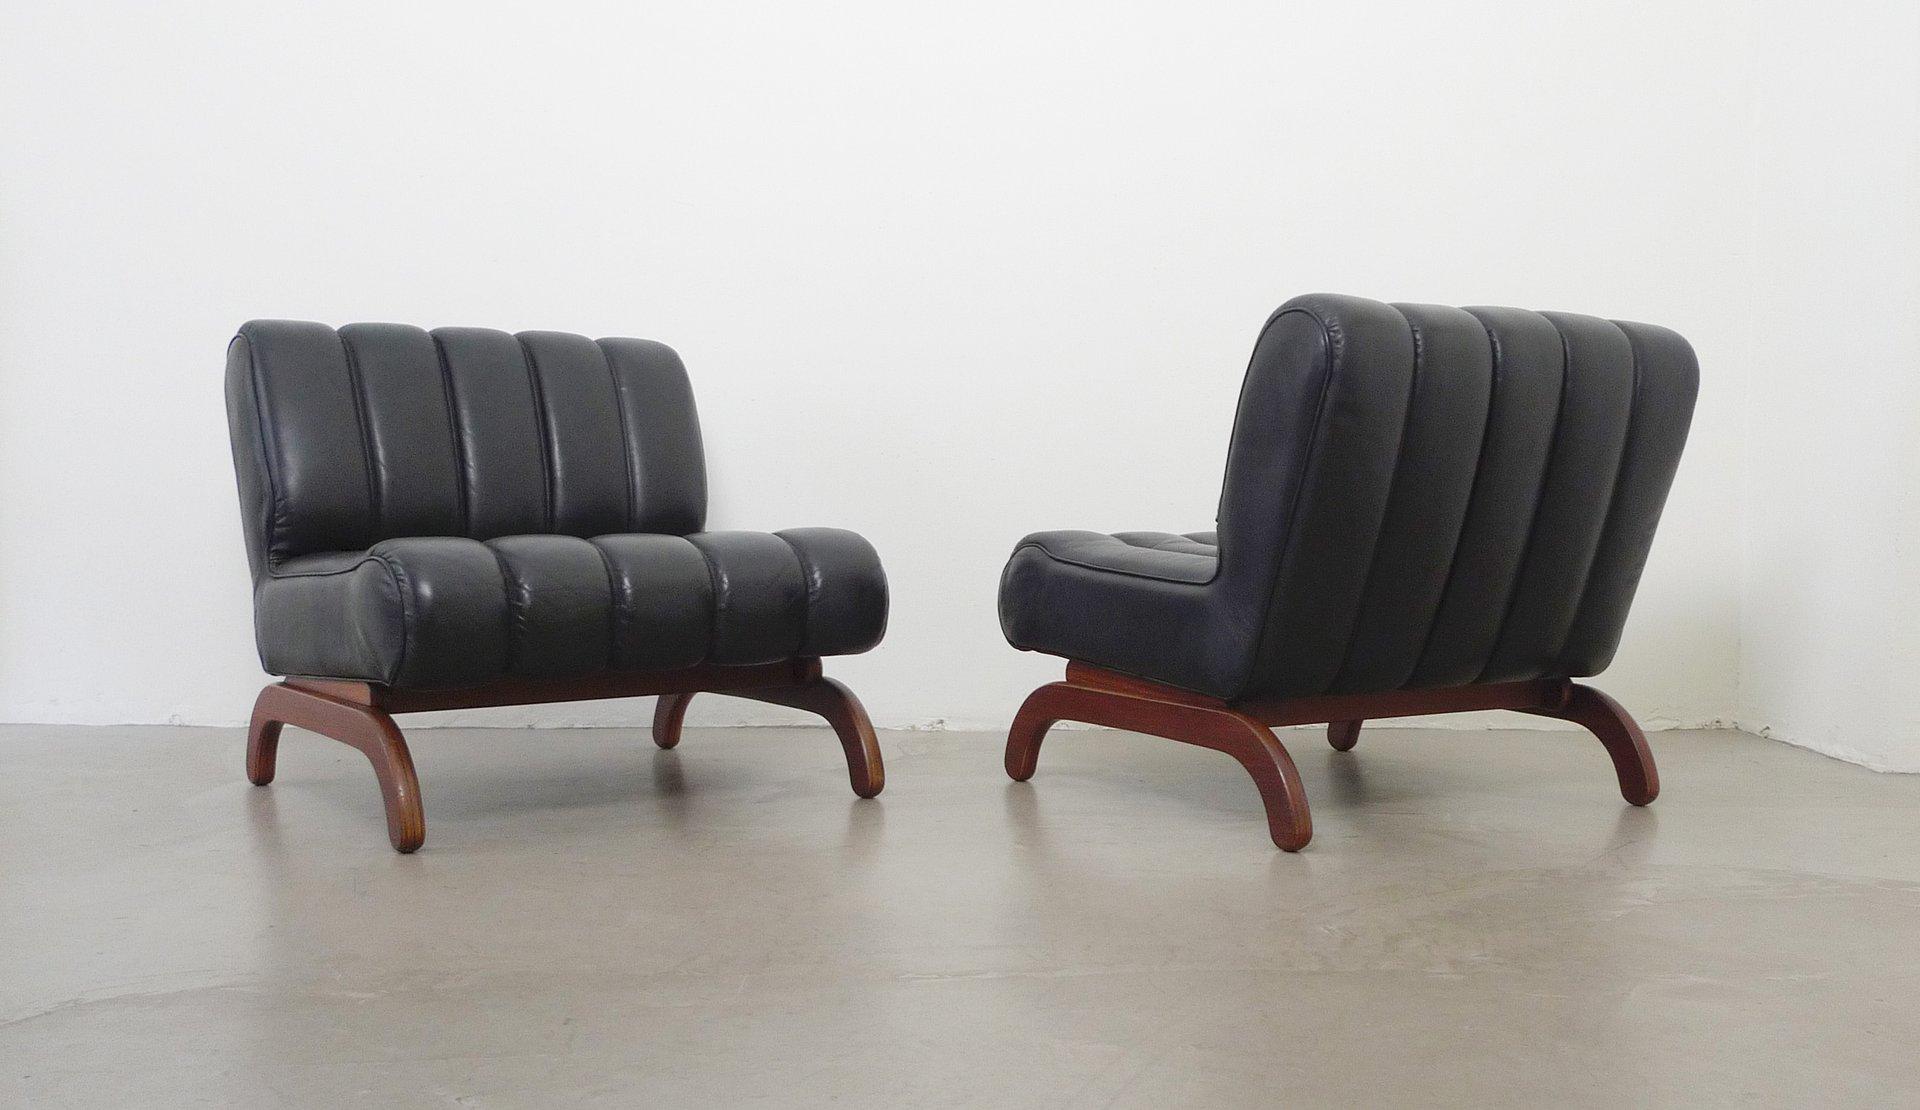 sterreichisches independence sofa set mit schlaffunktion von karl wittmann 1968 3er set bei. Black Bedroom Furniture Sets. Home Design Ideas